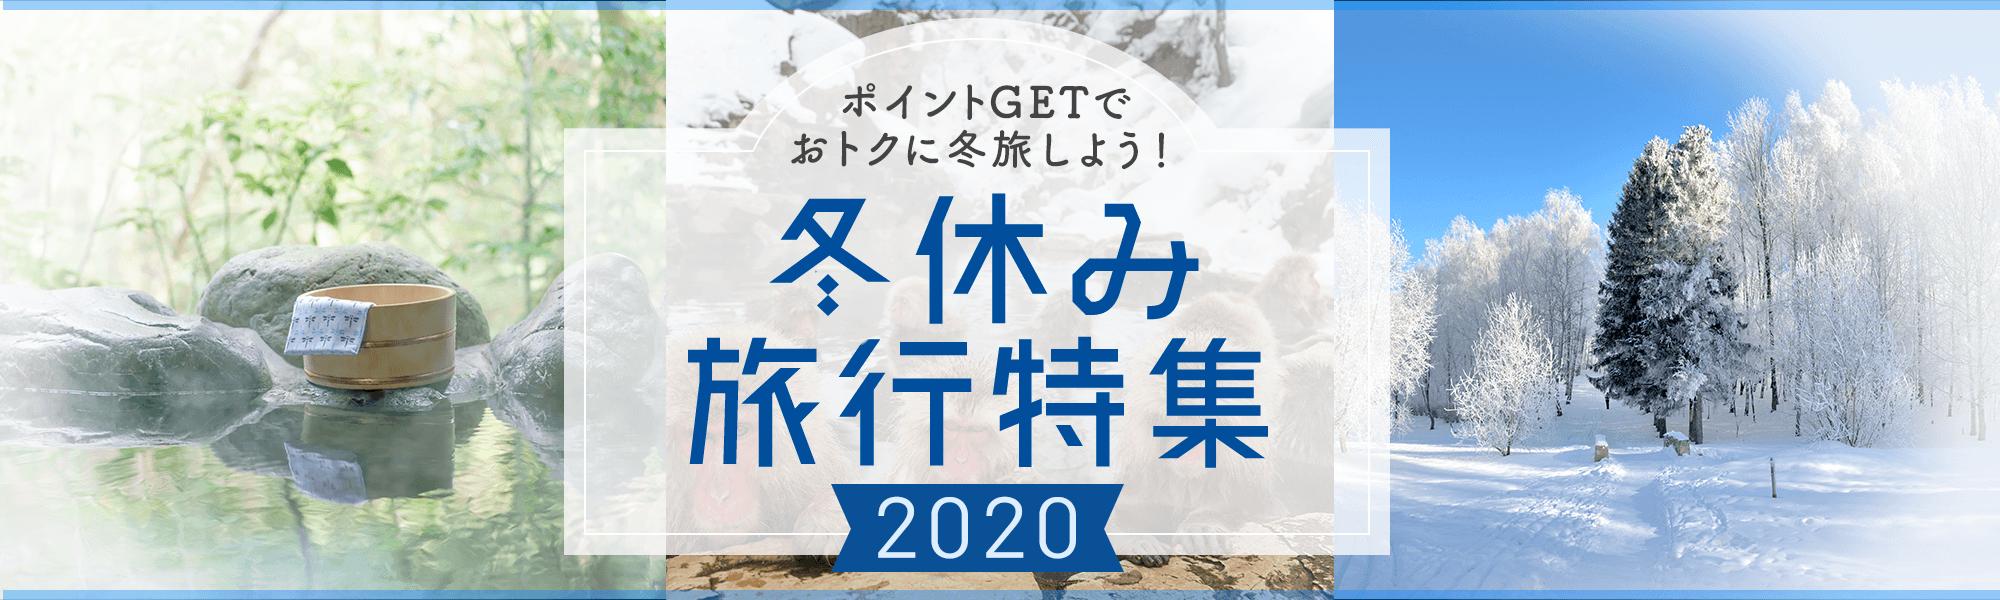 冬休み旅行特集2020